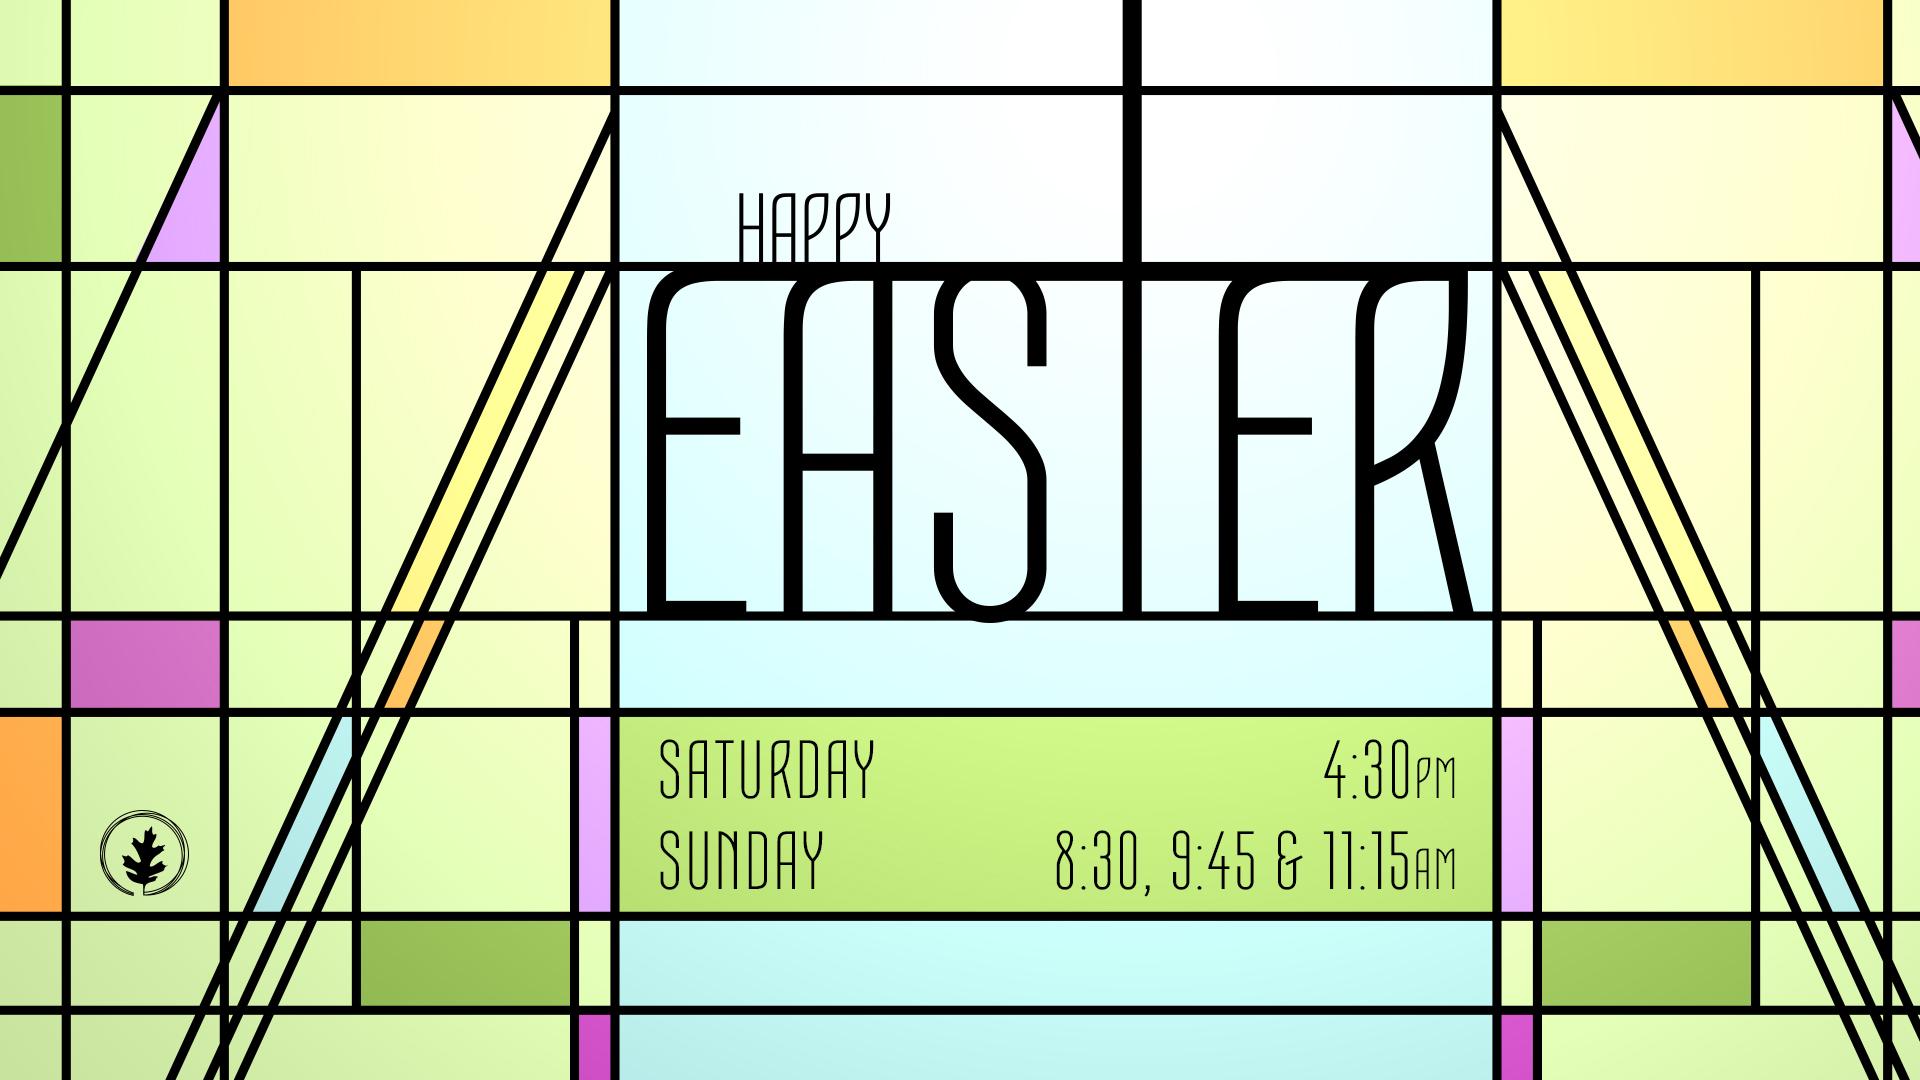 Easter_slide_ServiceTimes